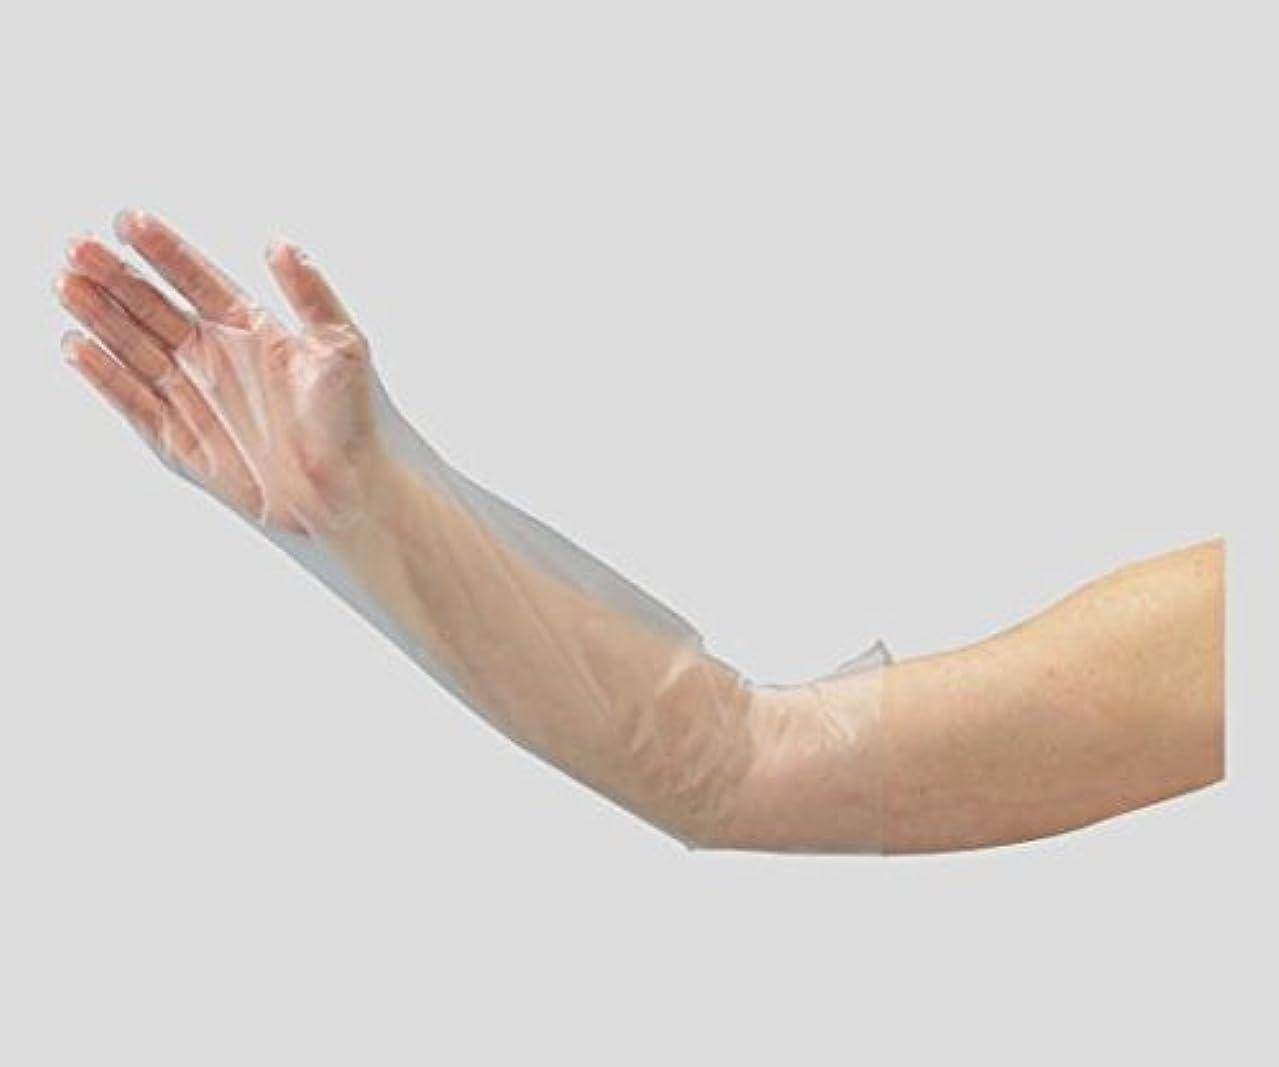 サロン防衛同意2-9757-02ポリエチレンロング手袋(ひじピタ)M100枚入